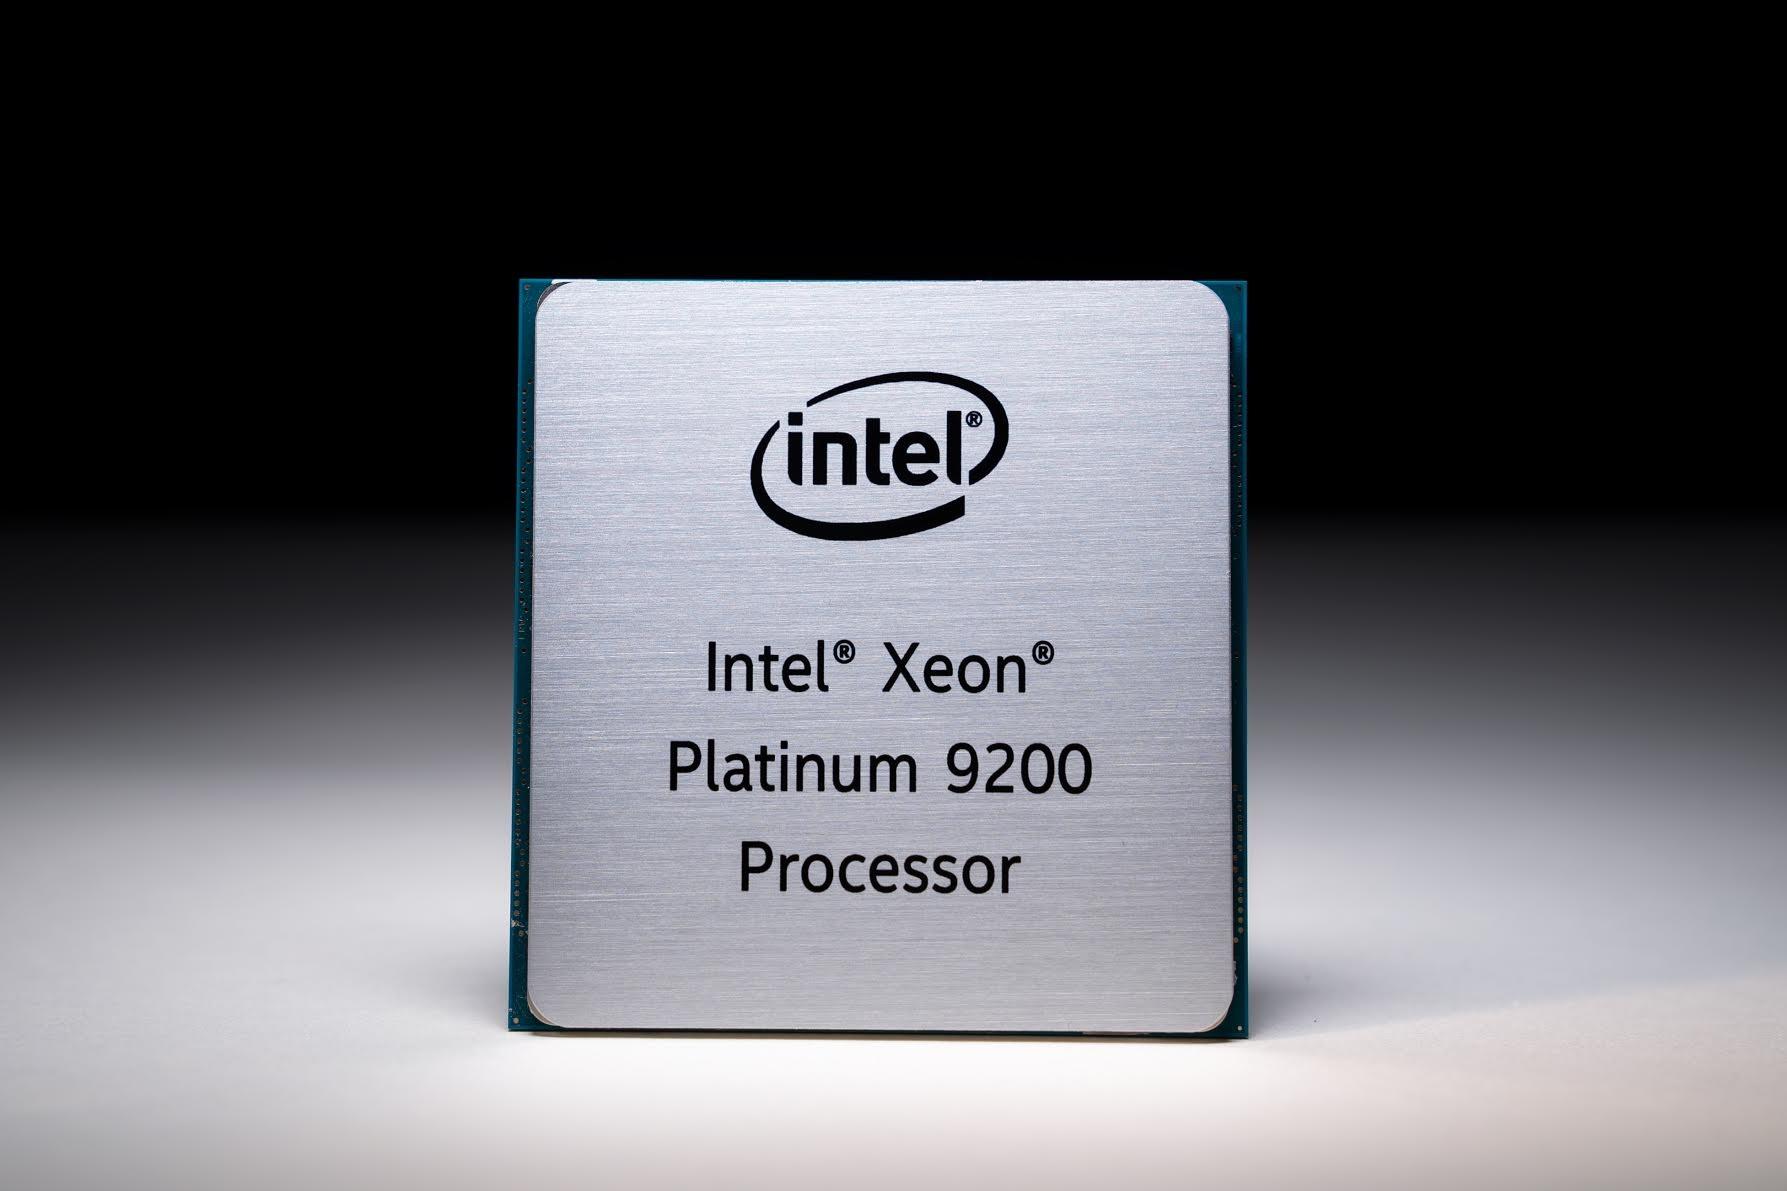 , Intel, Central processing unit, Multi-core processor, Intel Xeon Platinum 8164 Processor BX806738164, Intel Xeon Processor, Intel Core, Thermal design power, Processor, , intel xeon platinum 9200, Text, Product, Font, Technology, Label, Brand